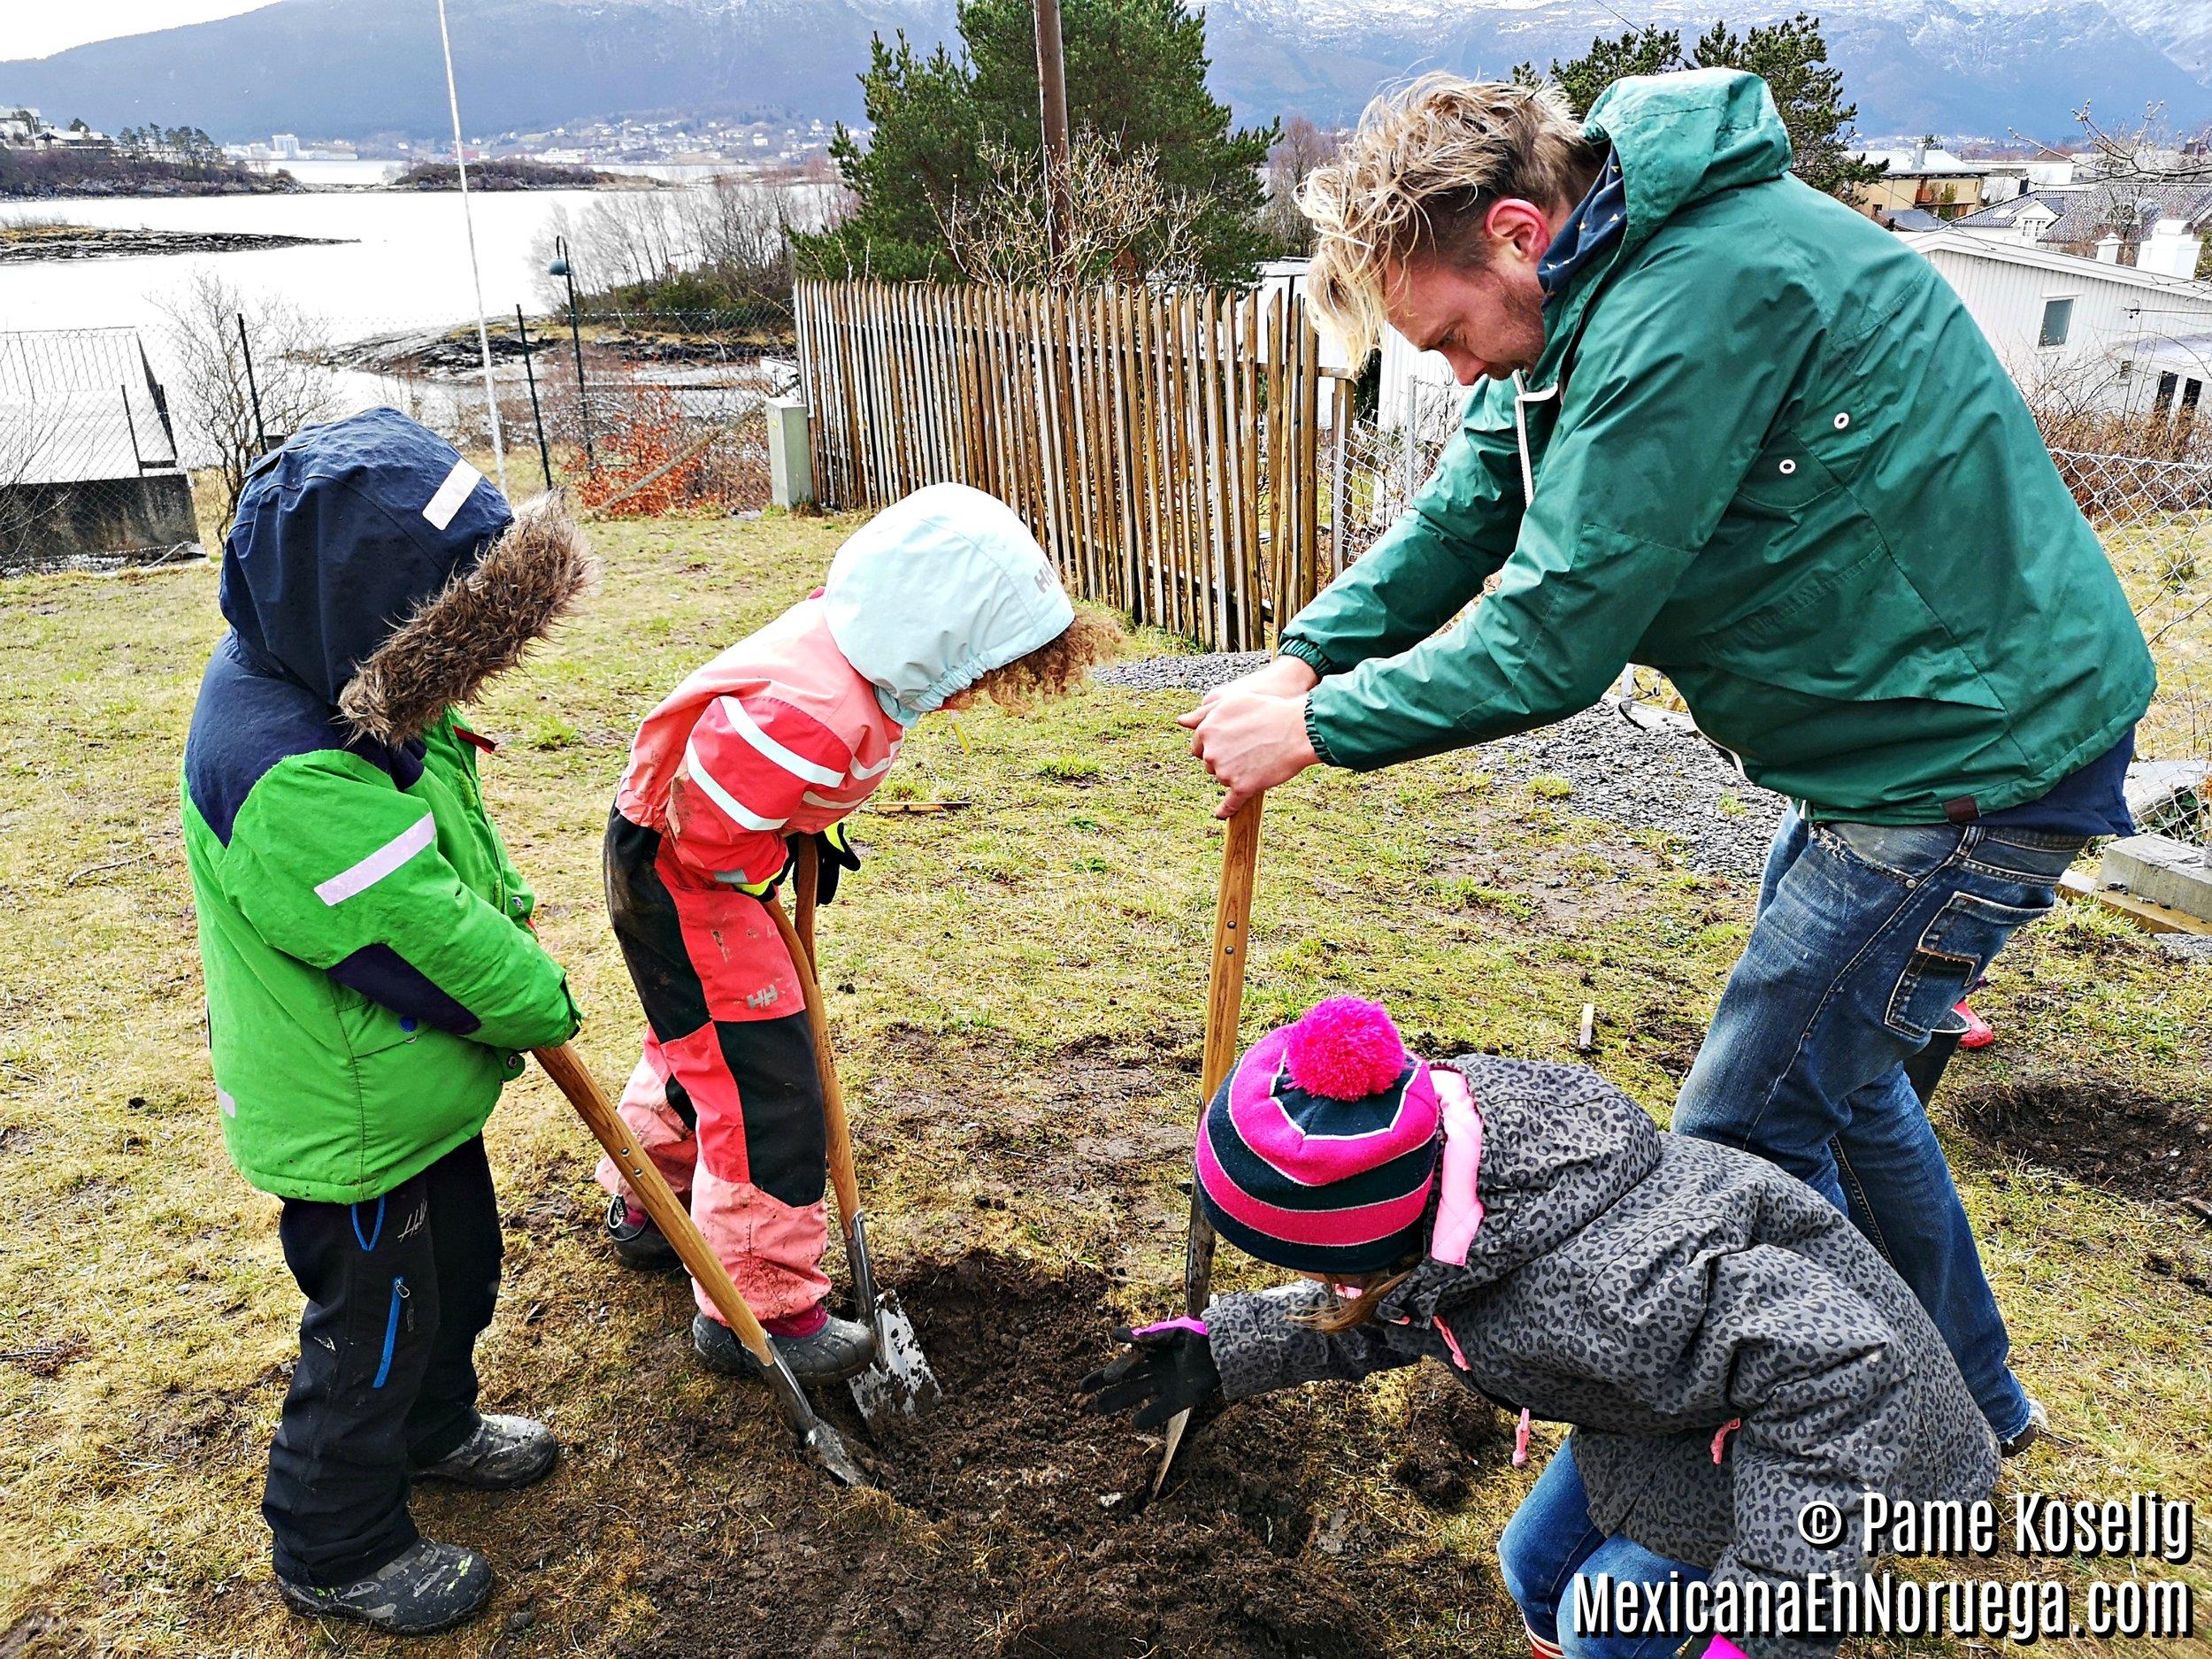 7 - Stian y los niños _ Pame Koselig _ Mexicana en Noruega.jpg